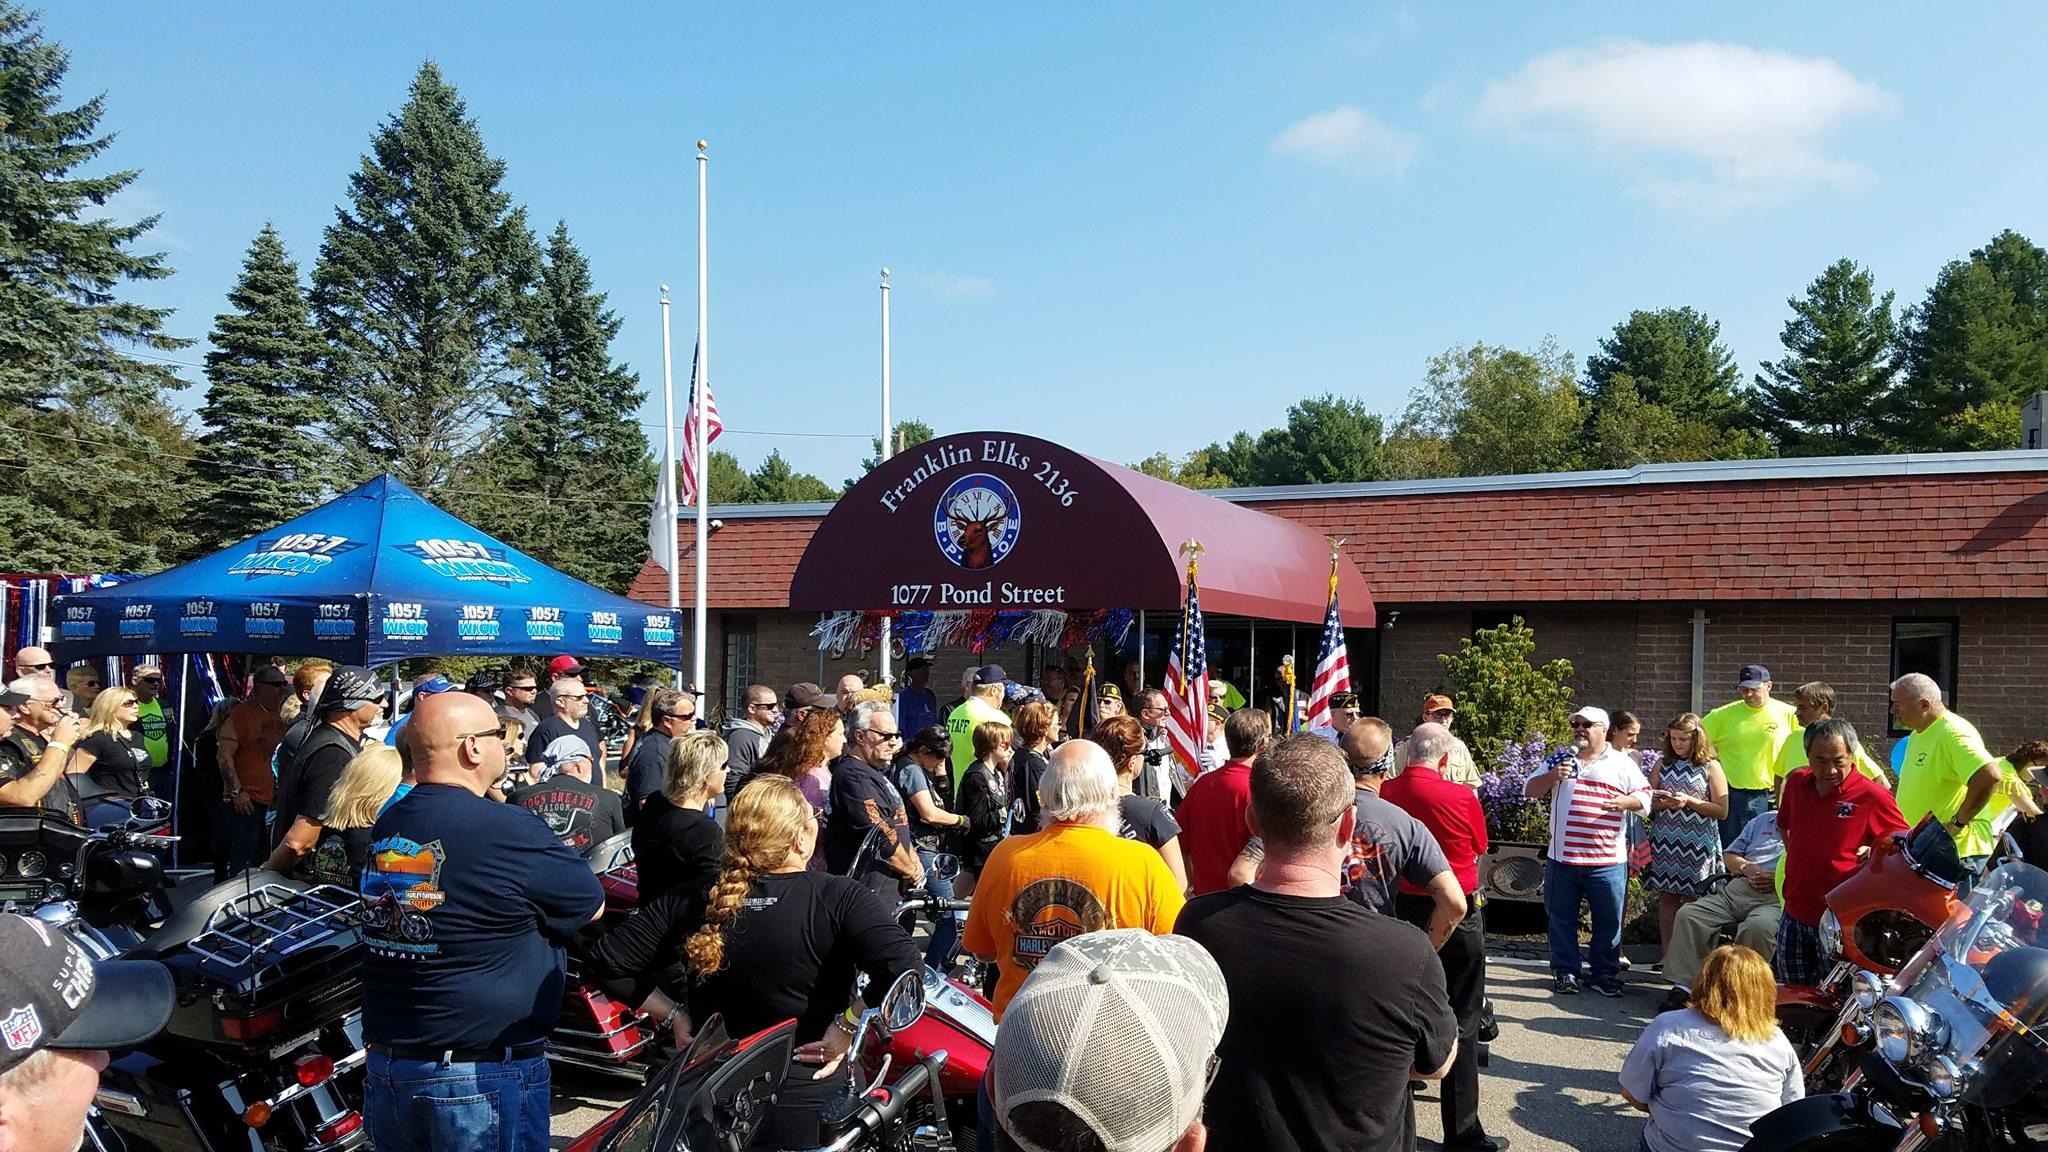 2017 Bike Run held @ Franklin Elks Lodge 10/07